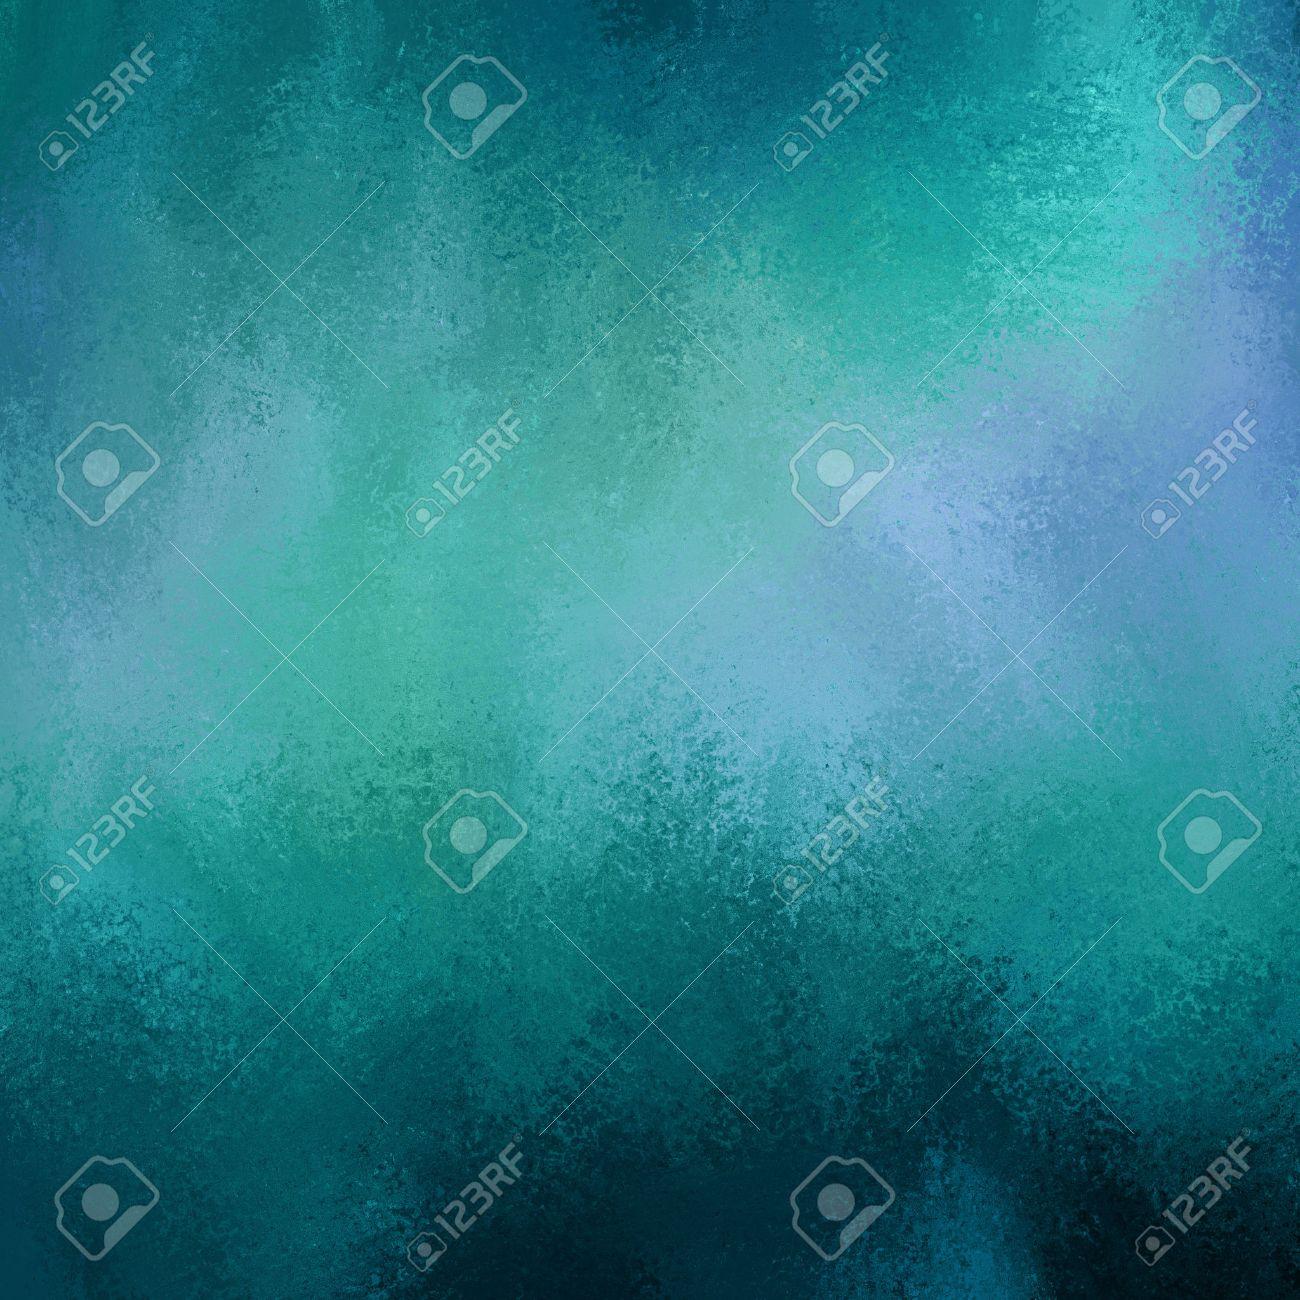 Immagini Stock Astratto Nelle Tonalità Verde E Blu Sfondo Di